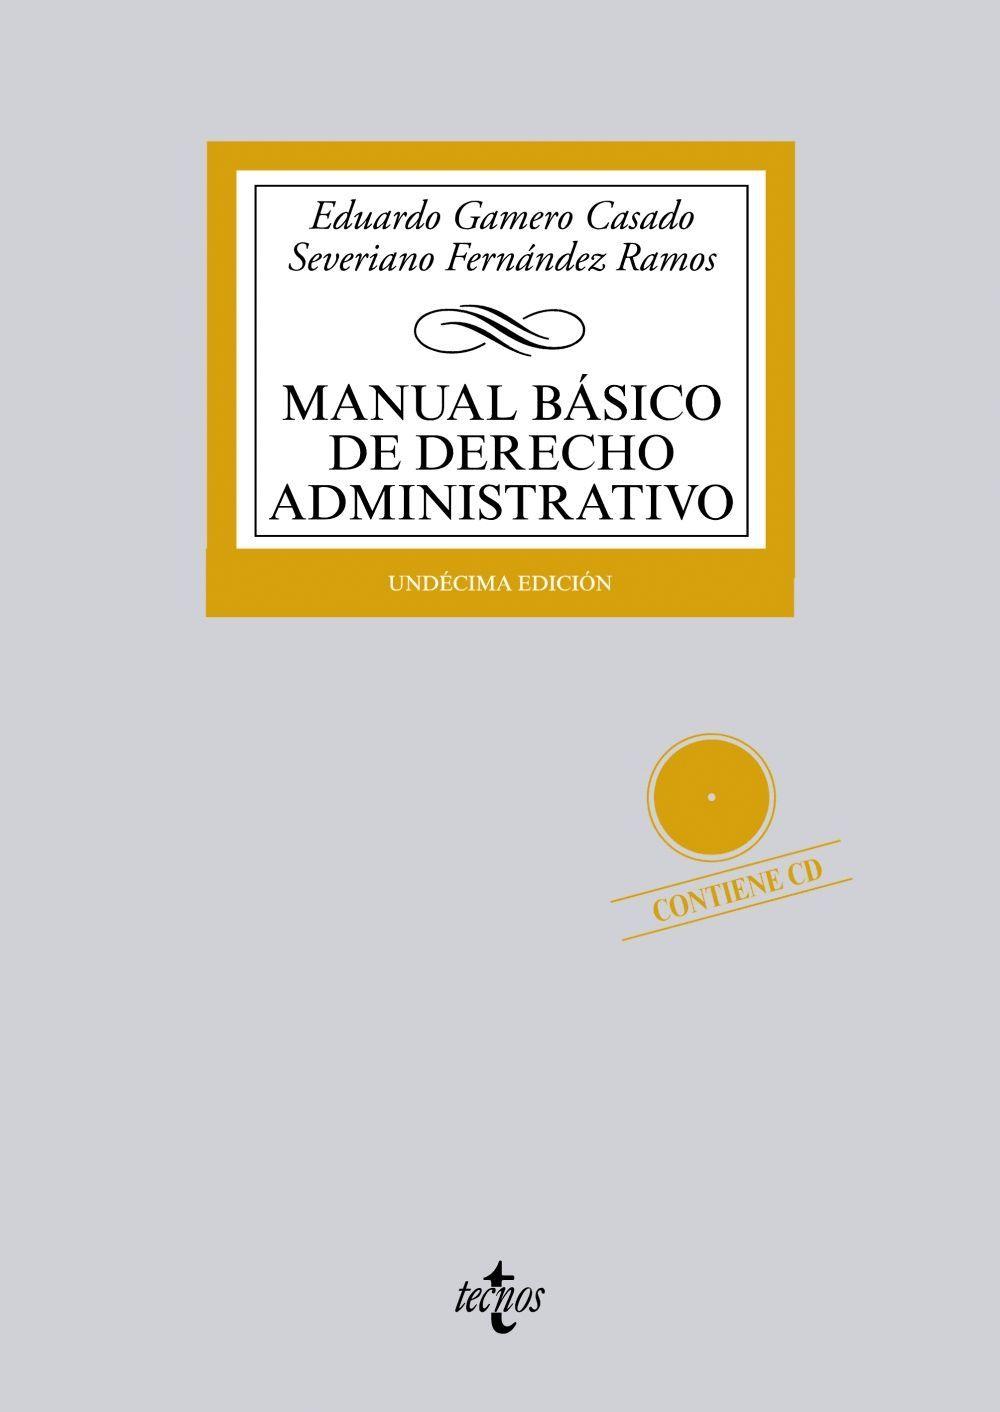 MANUAL BÁSICO DE DERECHO ADMINISTRATIVO